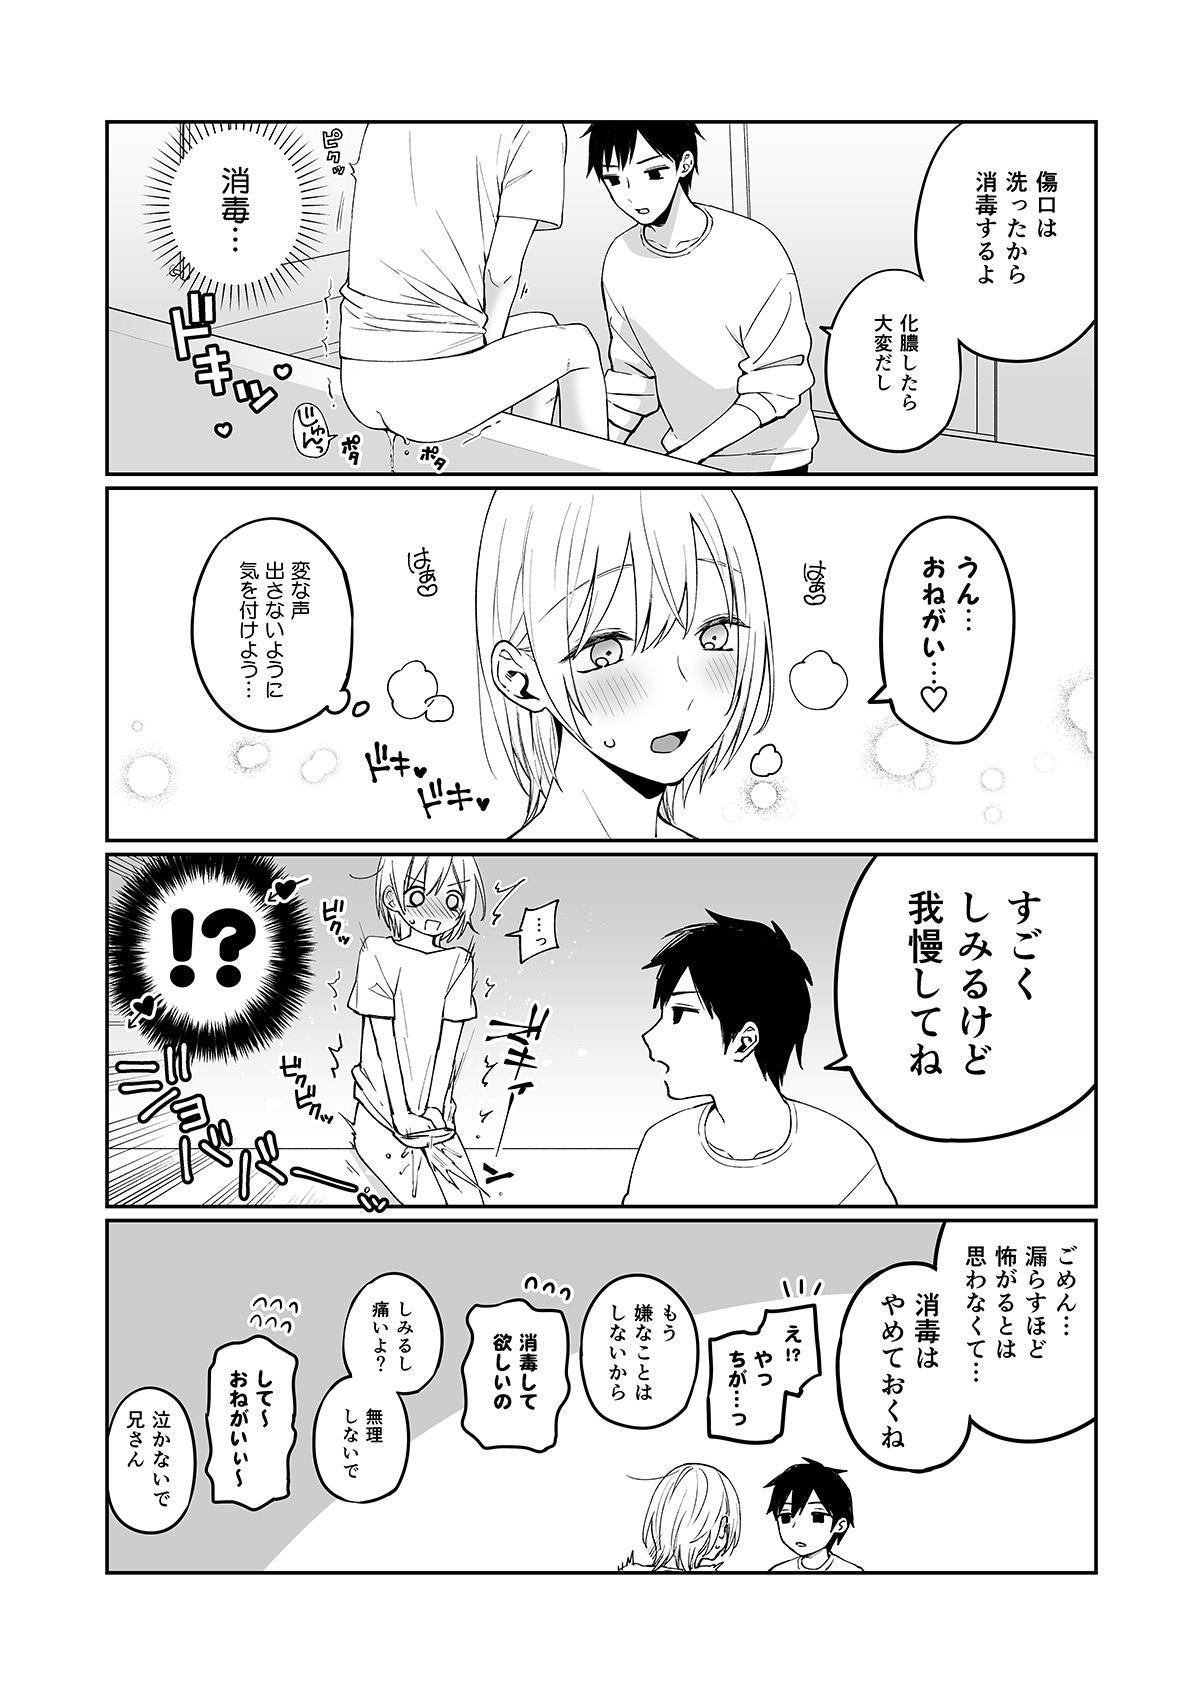 オナ兄さん・夜のおさんぽ露出 51